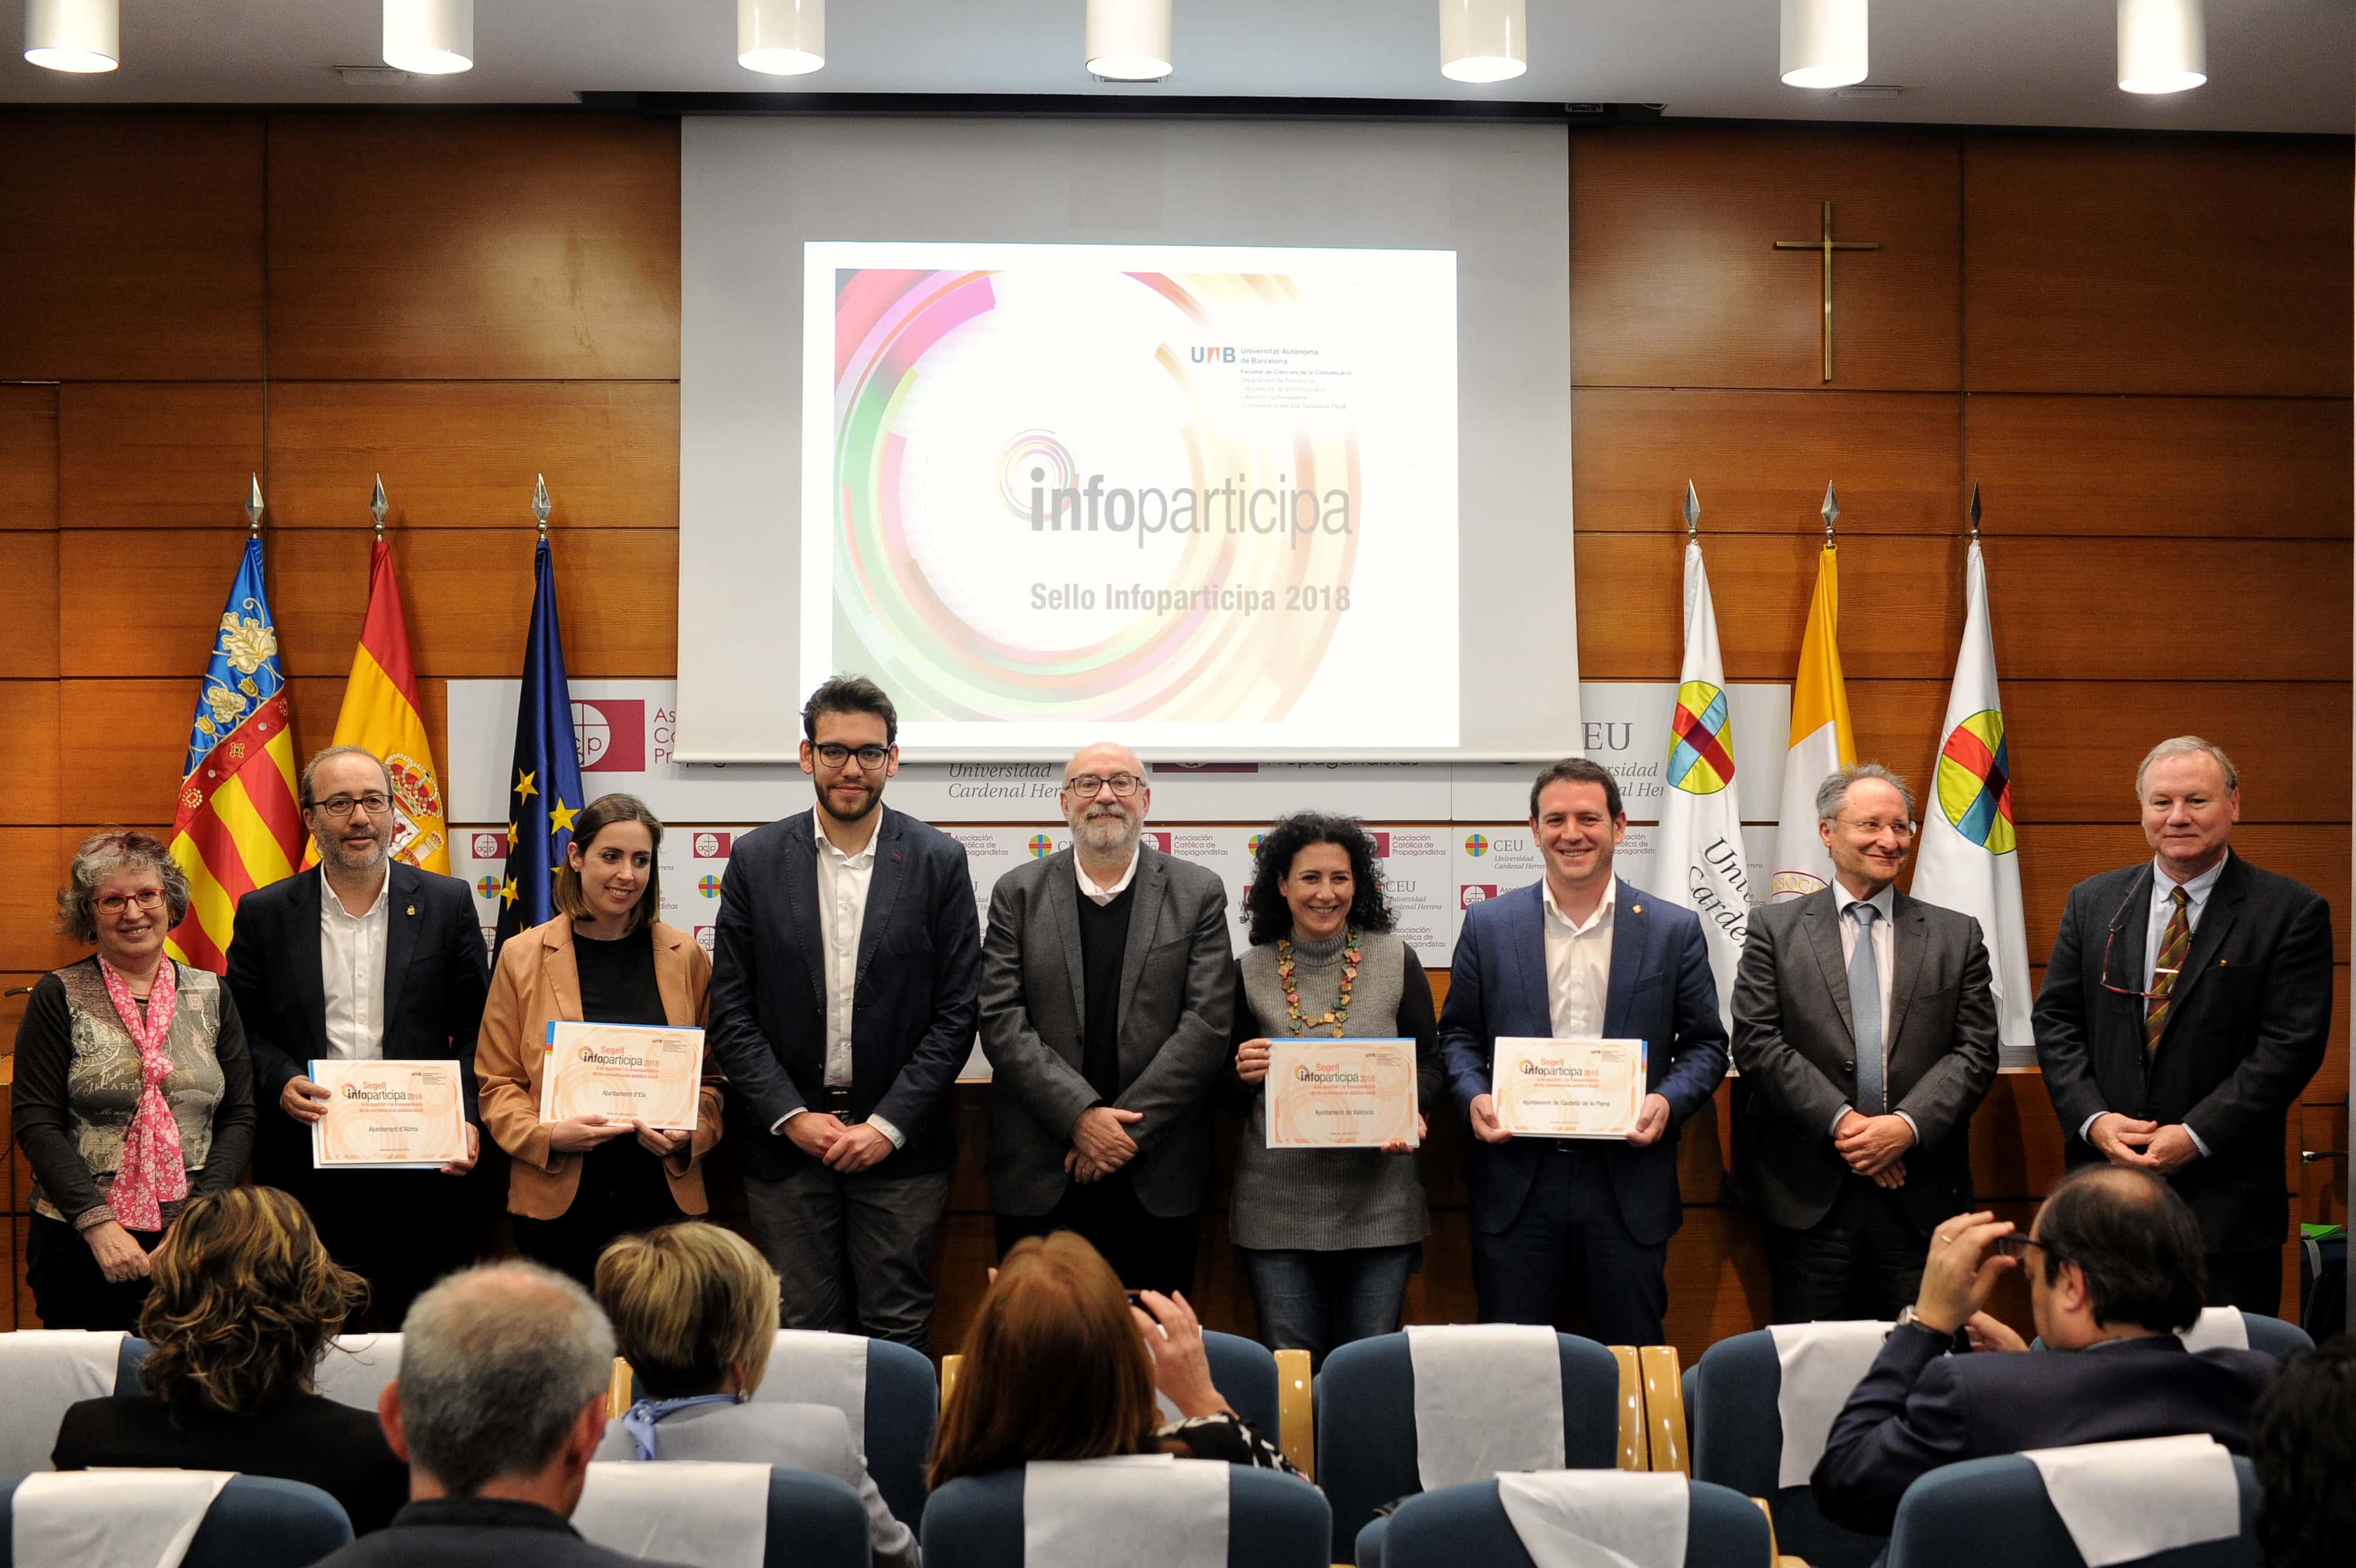 la-ceu-uch-y-la-autnoma-de-barcelona-premian-a-los-ayuntamientos-de-valencia-alzira-elche-y-castelln-por-la-transparencia-de-sus-webs-municipales_46676559785_o